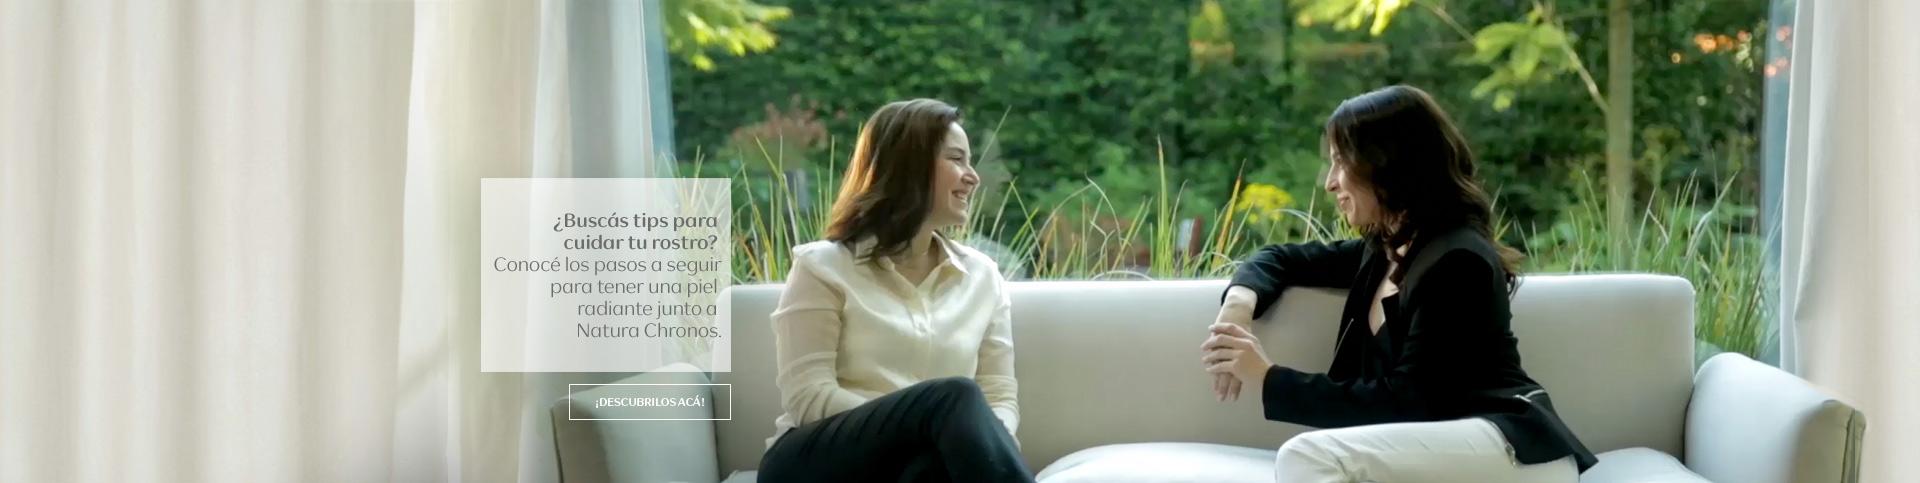 dos mujeres conversando, sentadas en un sillón blanco y detrás una ventana con vegetación